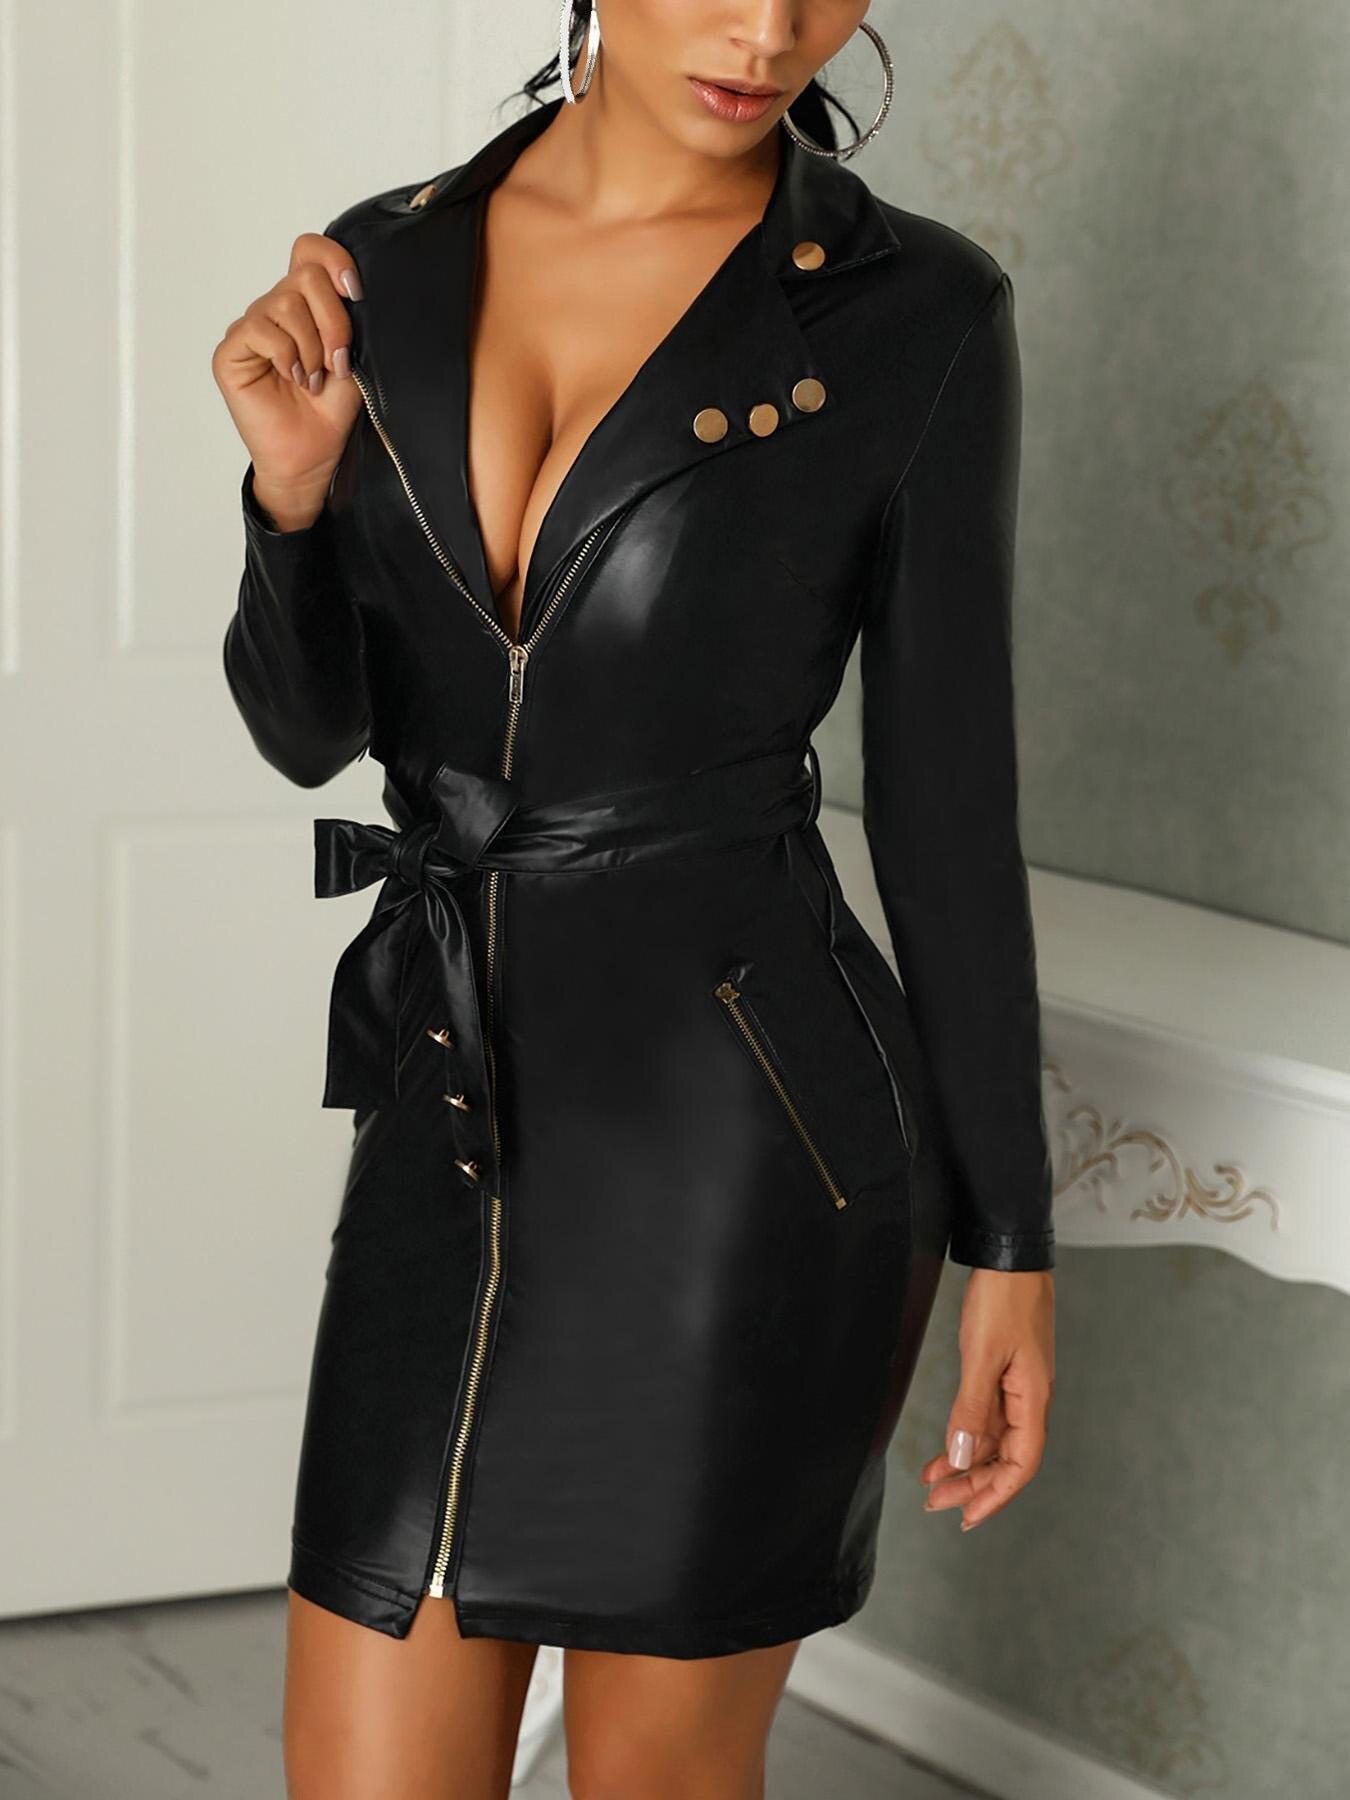 Модные женские платья из искусственной кожи с v-образным вырезом и длинным рукавом, сексуальное черное короткое платье на молнии